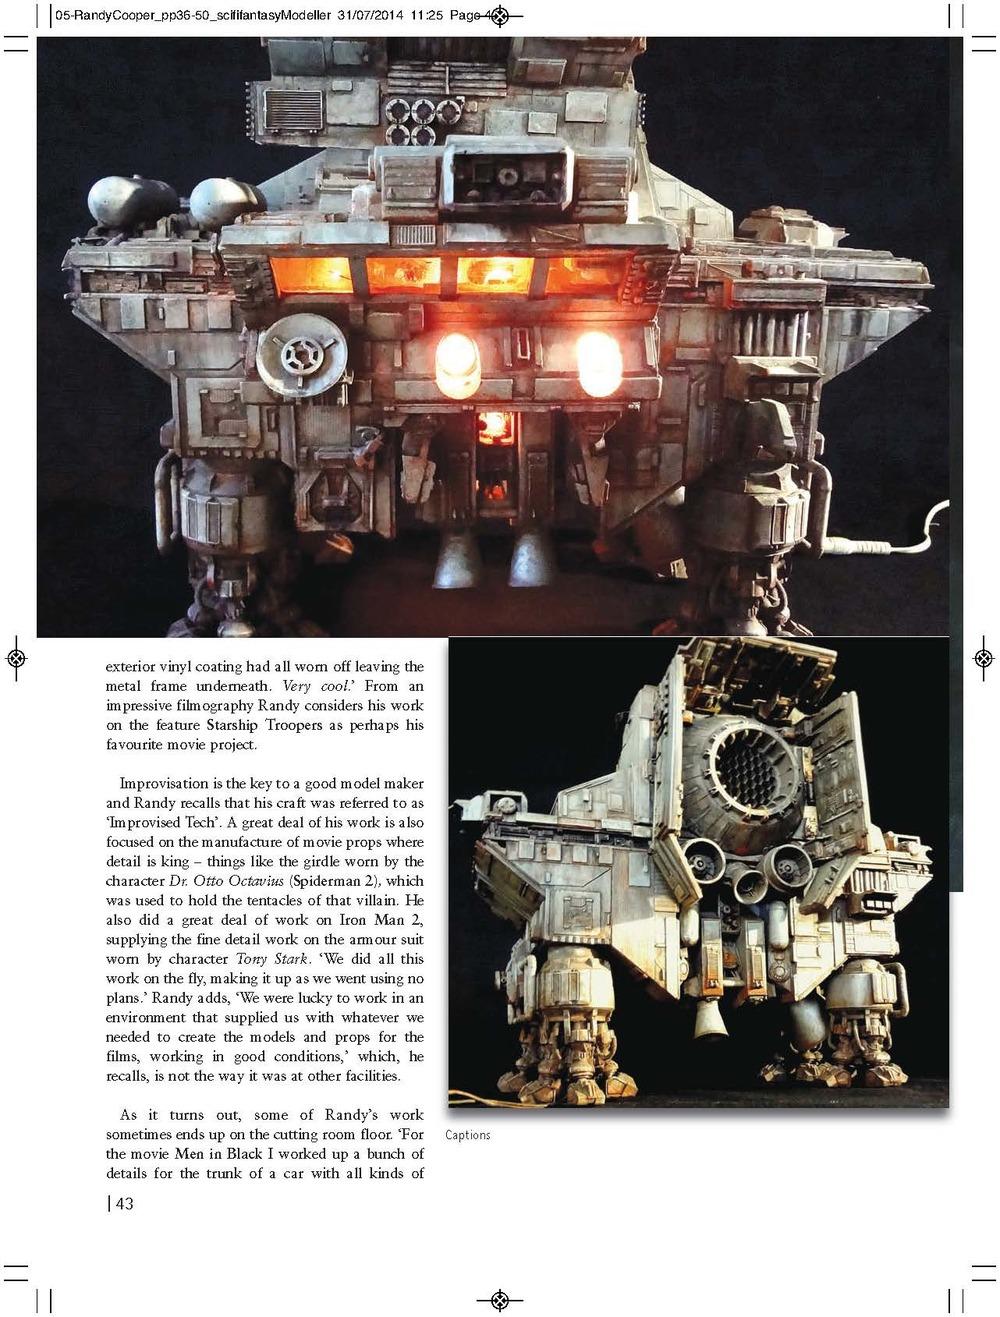 scififantasyModeller 1_Page_08.jpg